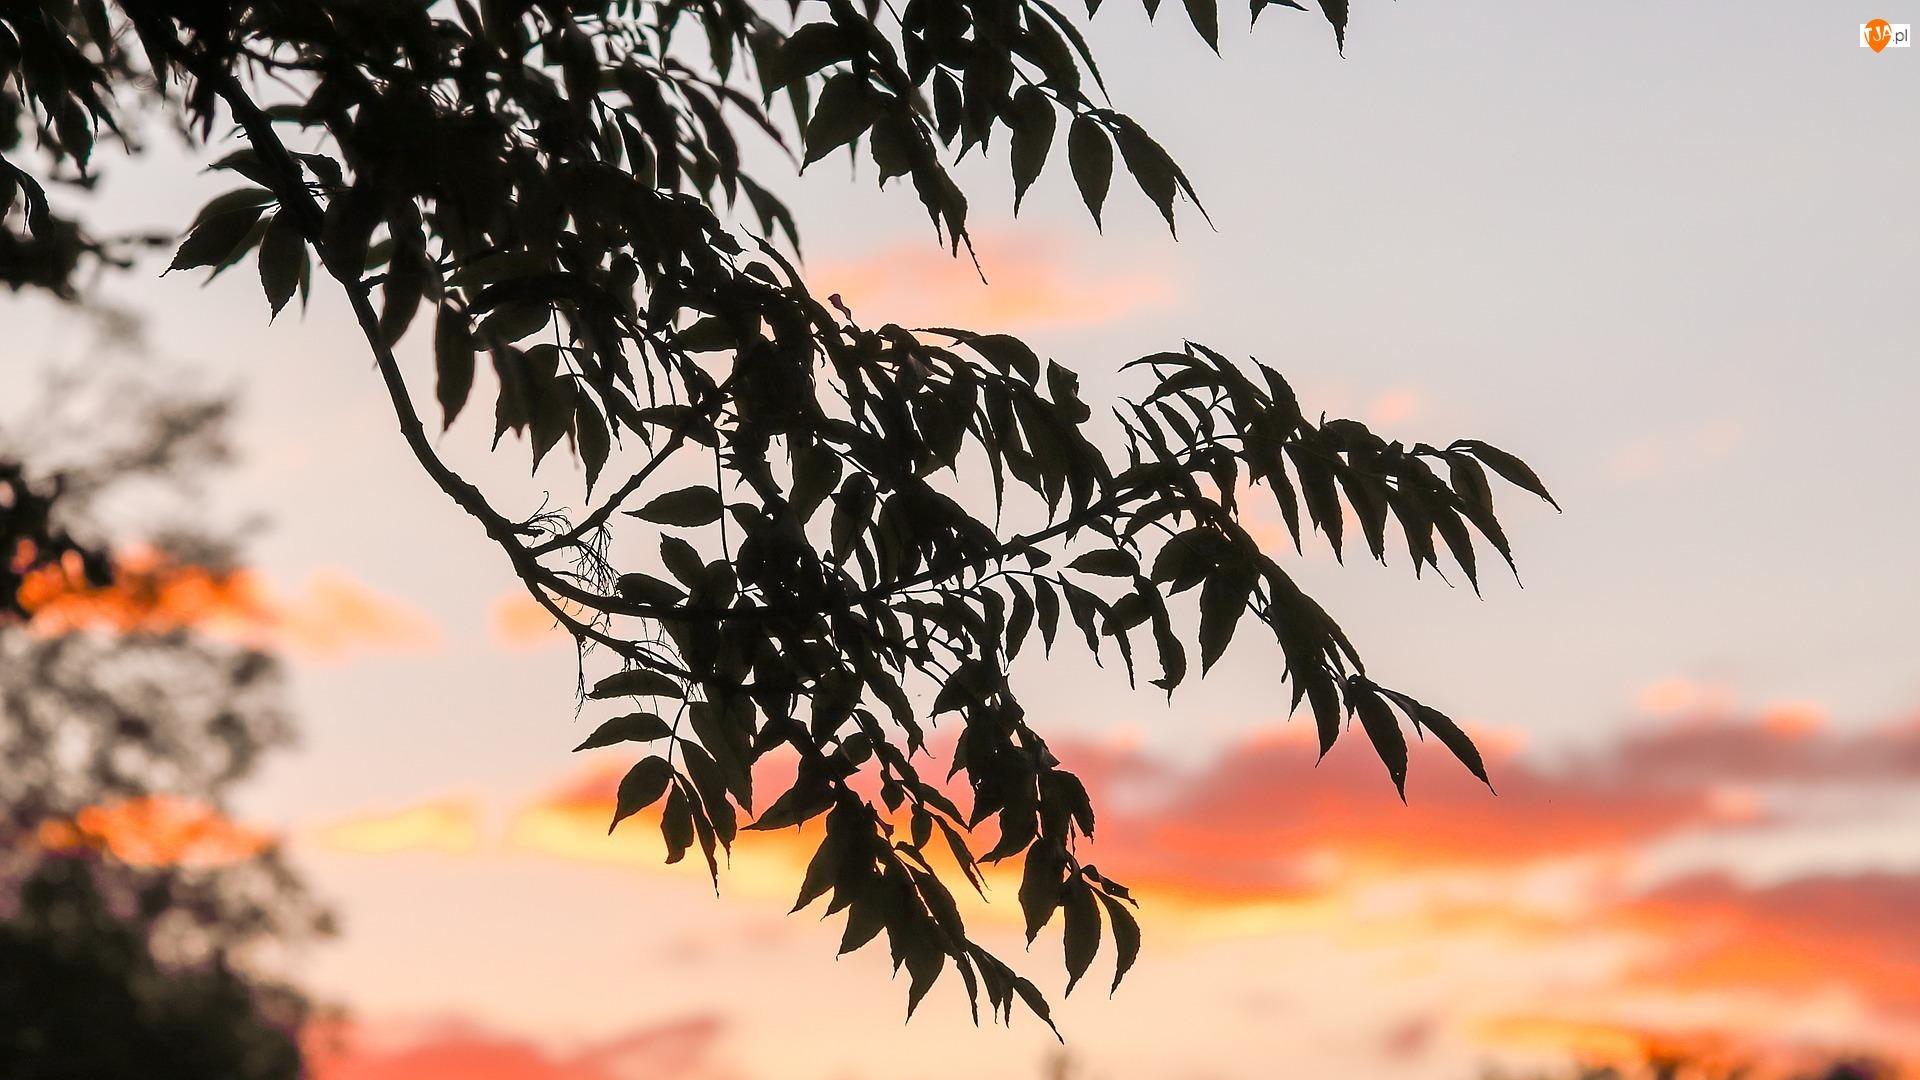 Drzewo, Zachód słońca, Gałąź, Liście